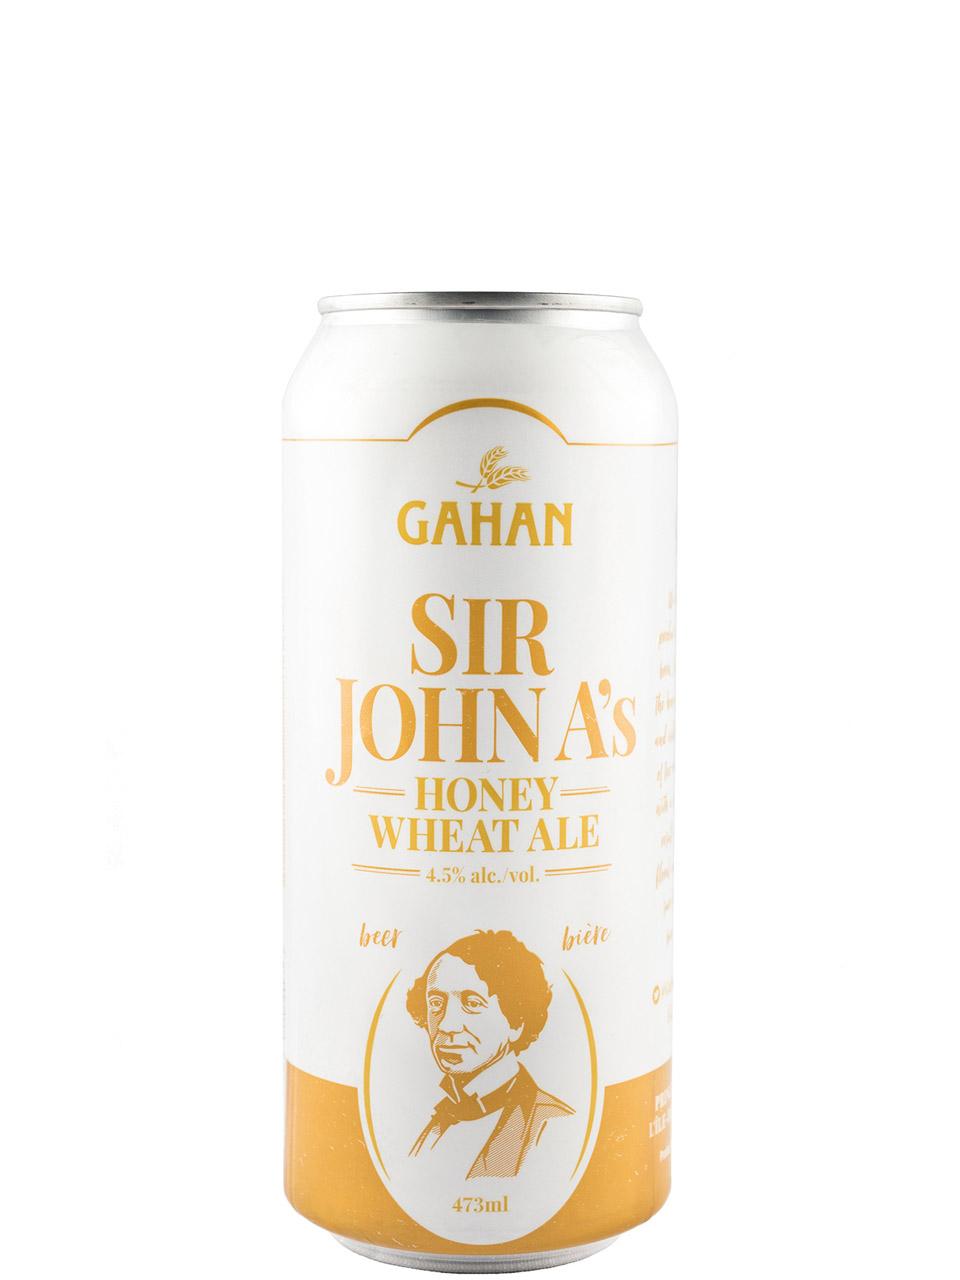 Gahan Sir John A Honey Wheat Ale 473ml Can